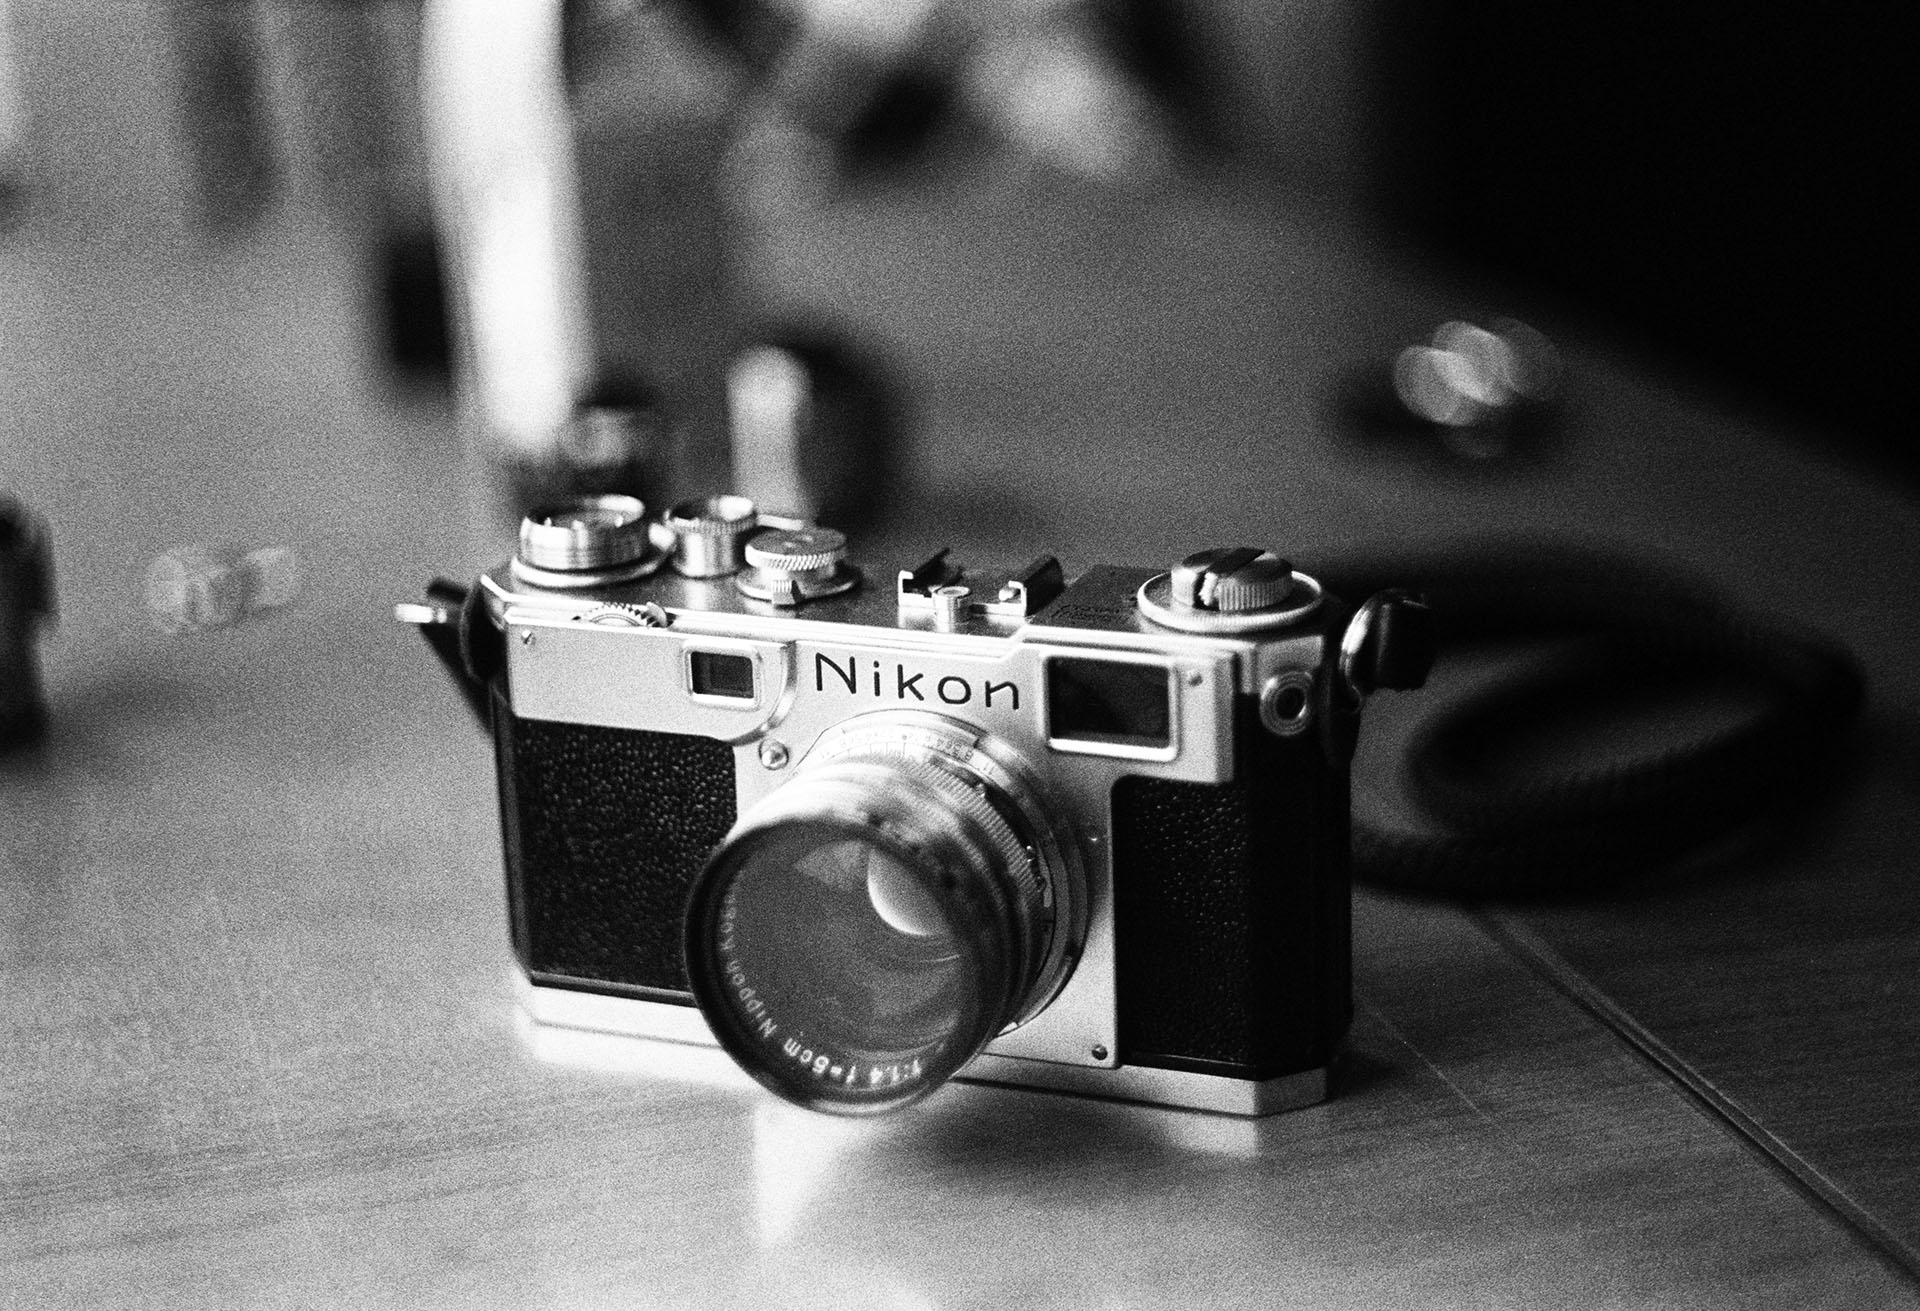 Nikon S2